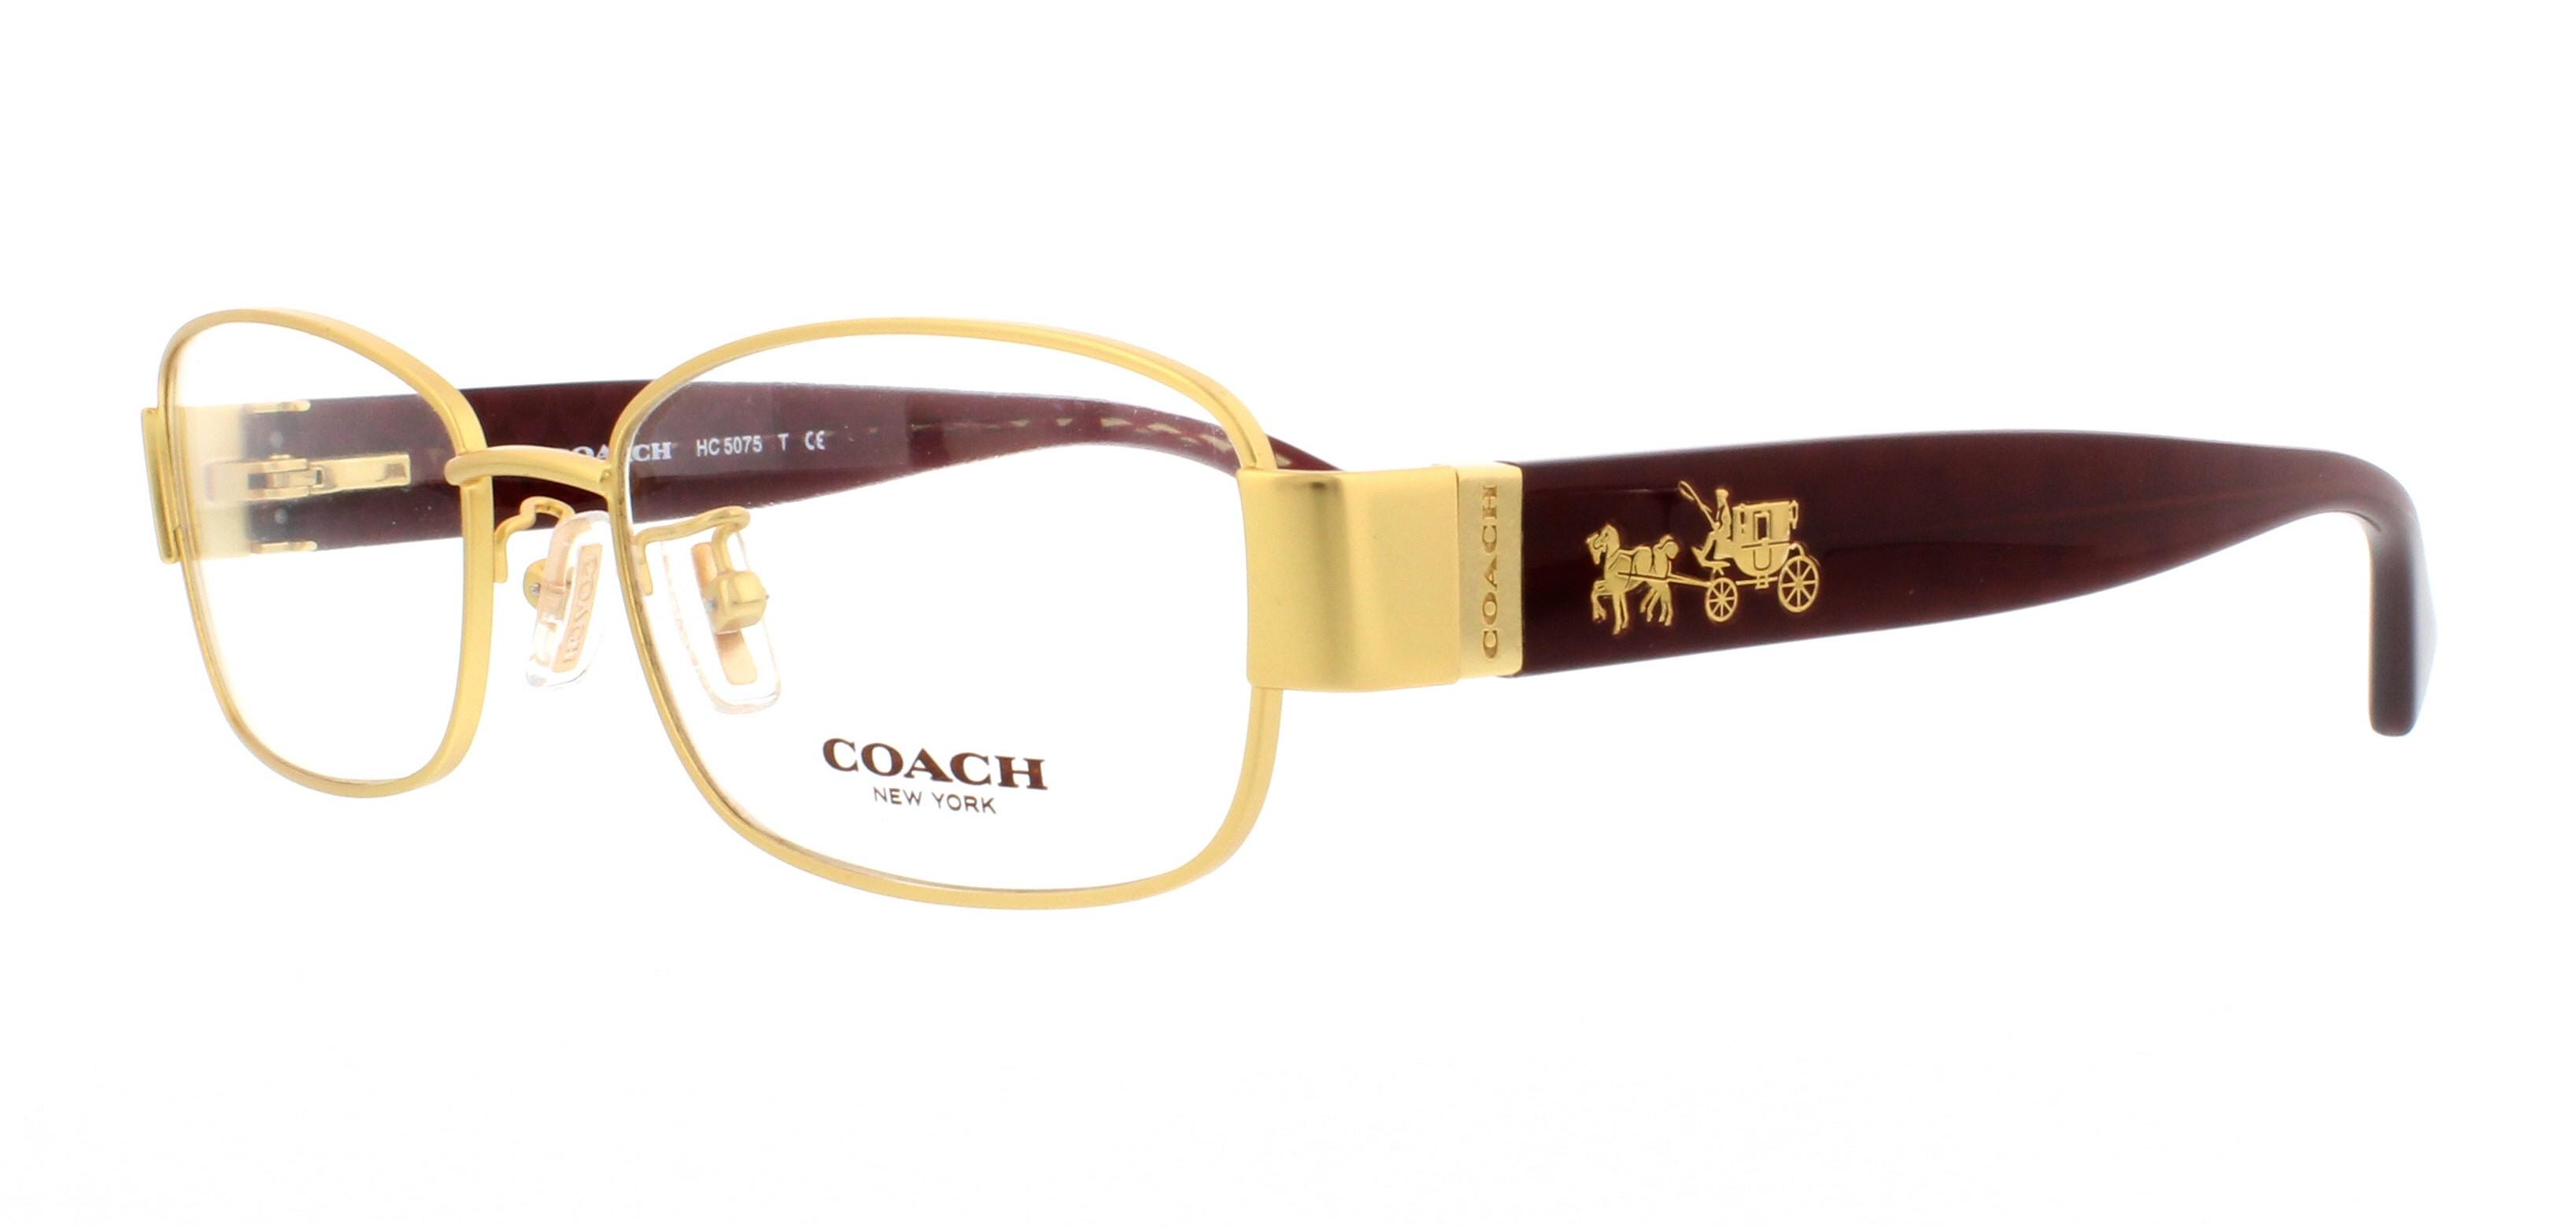 0c99cc222d Cheap Coach Glasses - Best Glasses Cnapracticetesting.Com 2018